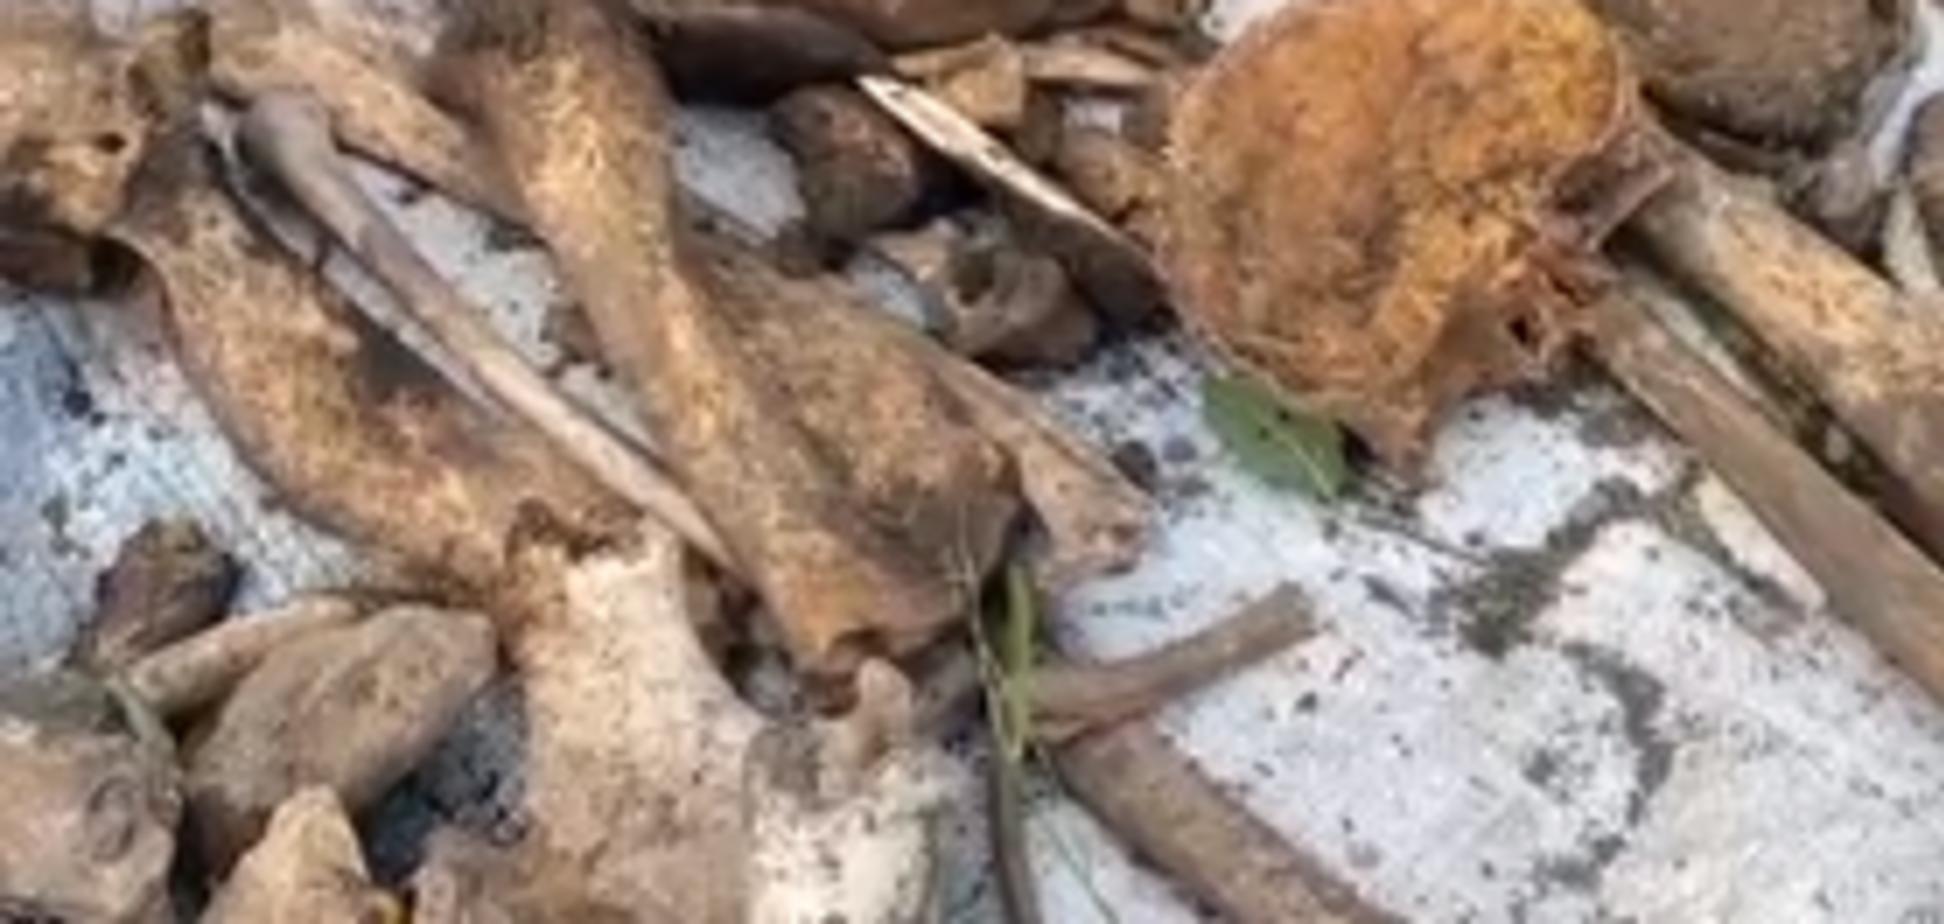 На Тернопільщині виявили останки хлопця, який загинув 18 років тому